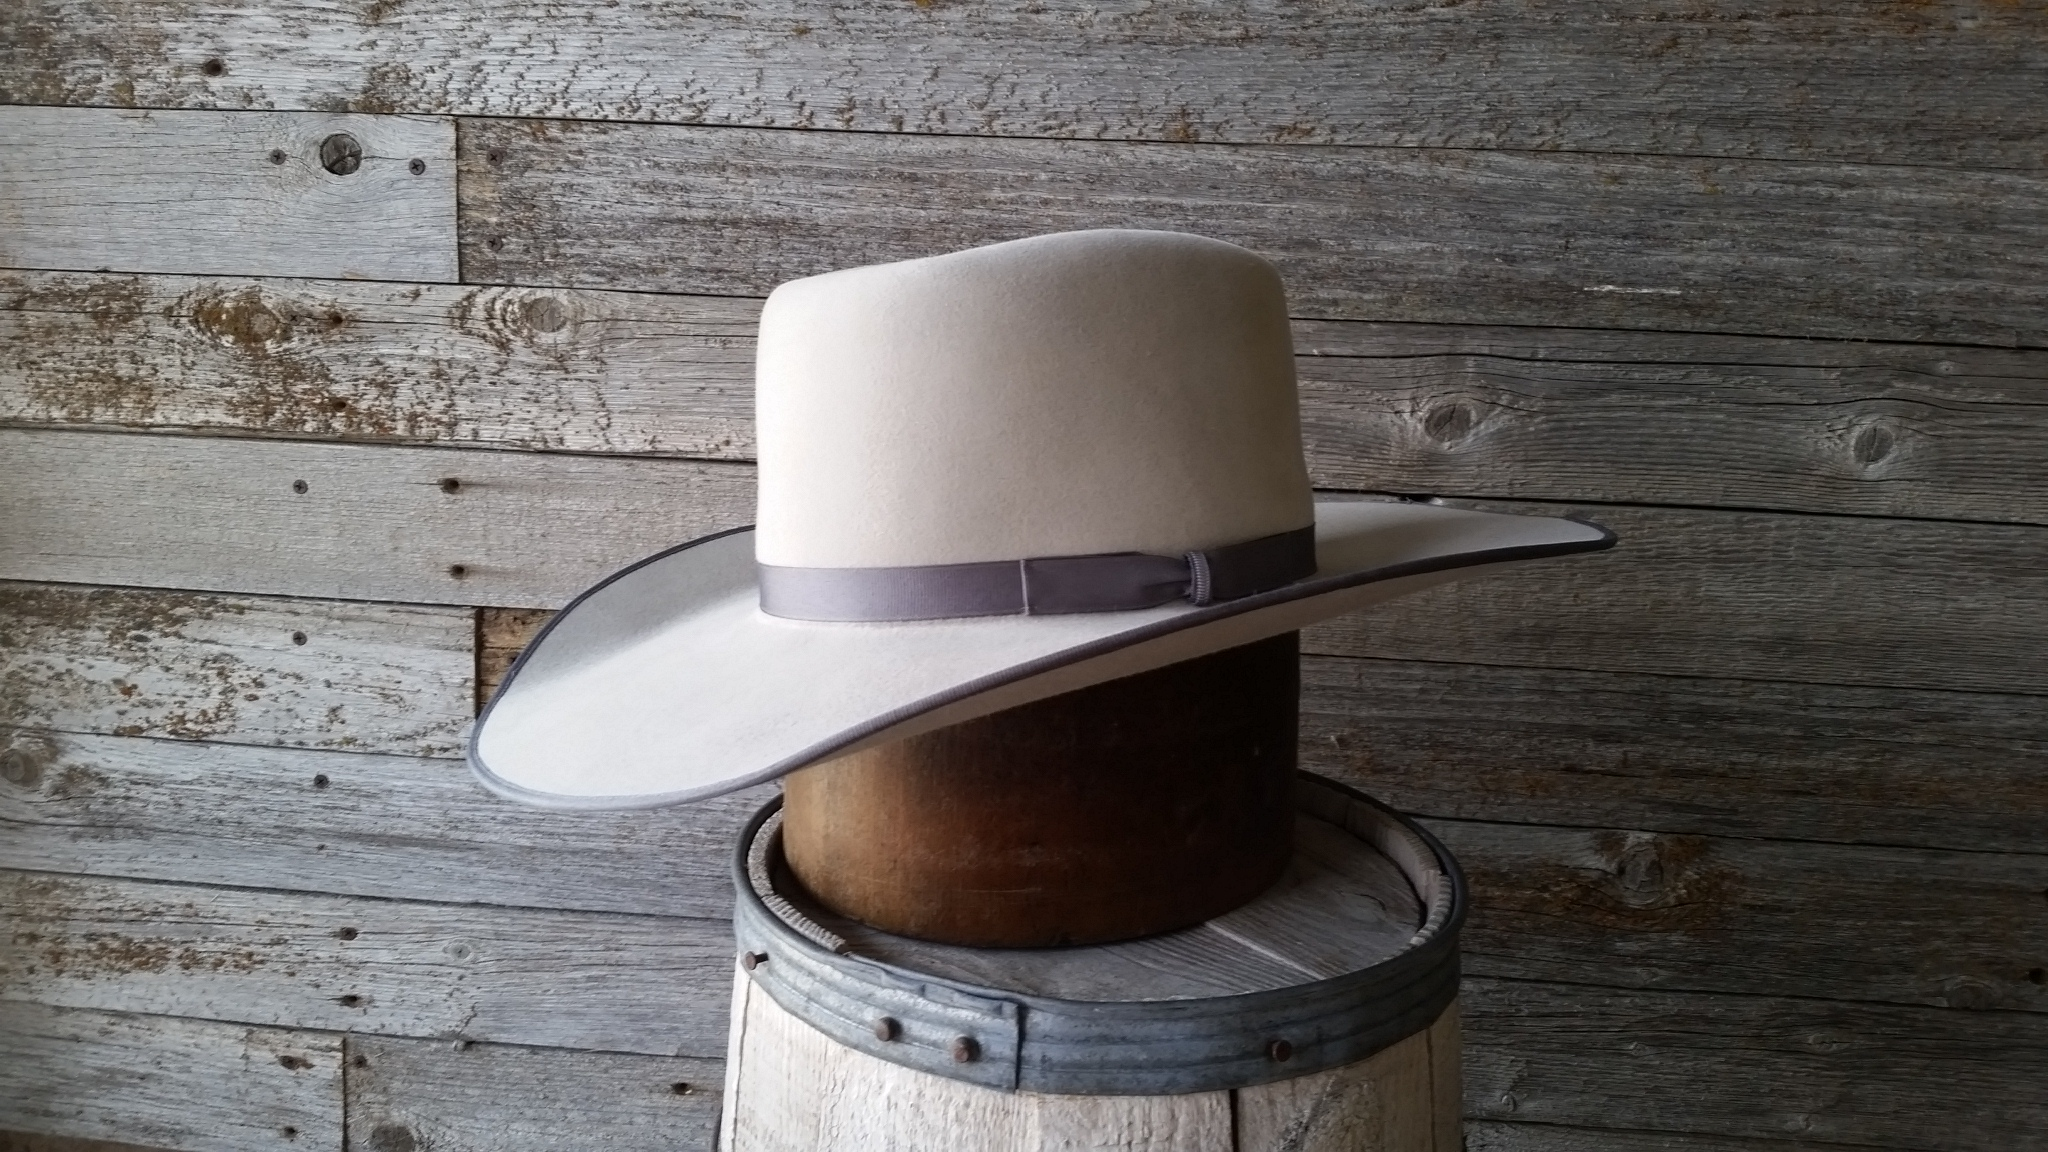 968c914642ef9 Custom Cowboy Hats - Staker Hats